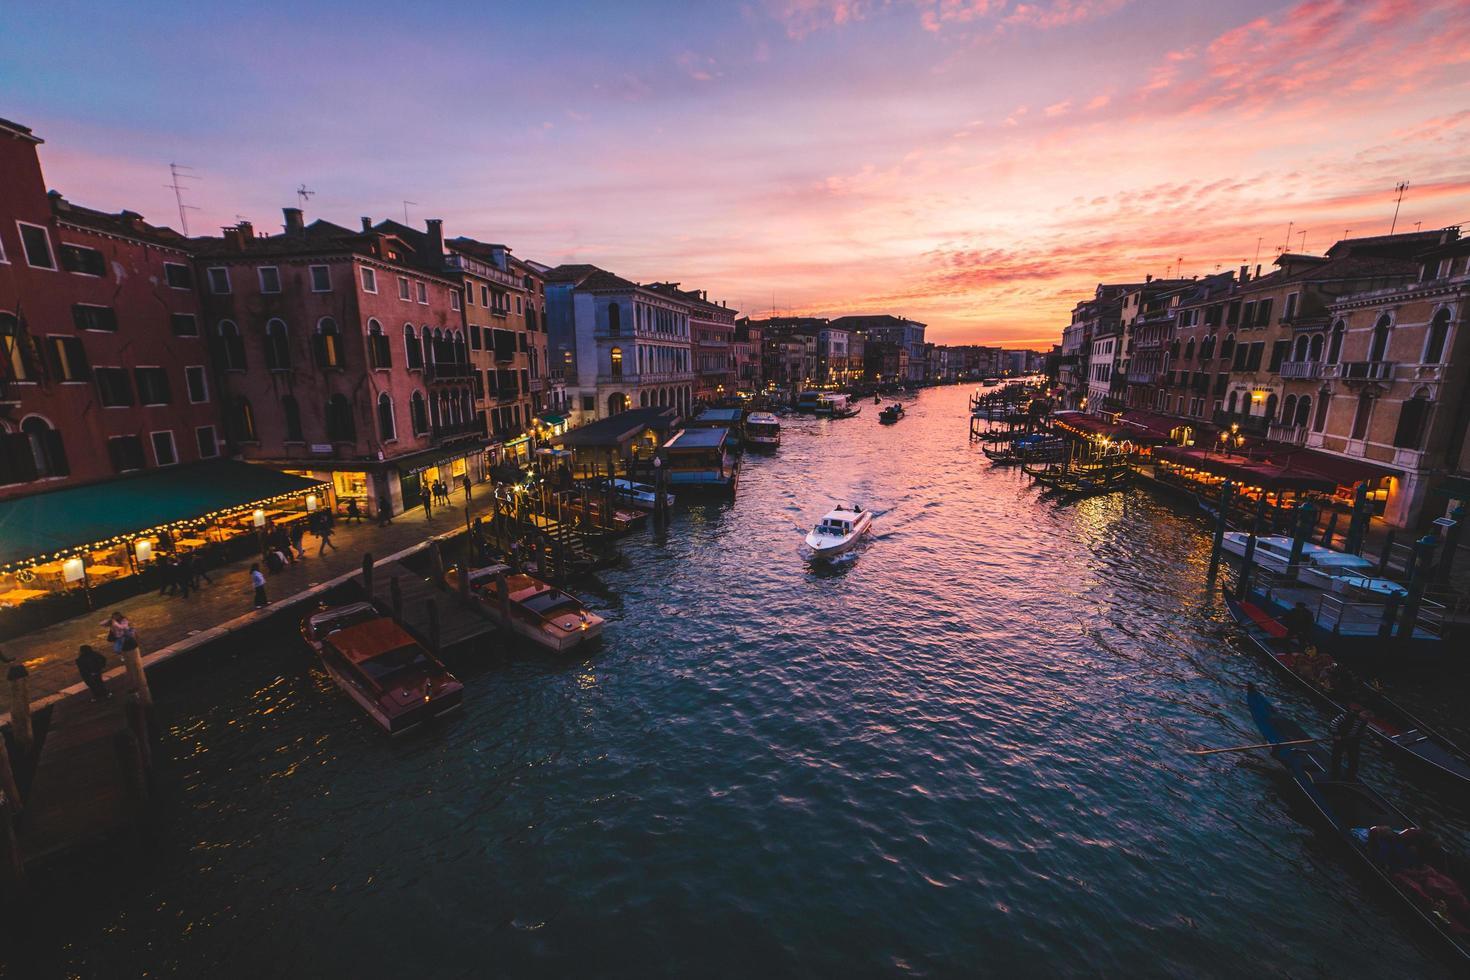 Grand canal à Venise au coucher du soleil photo